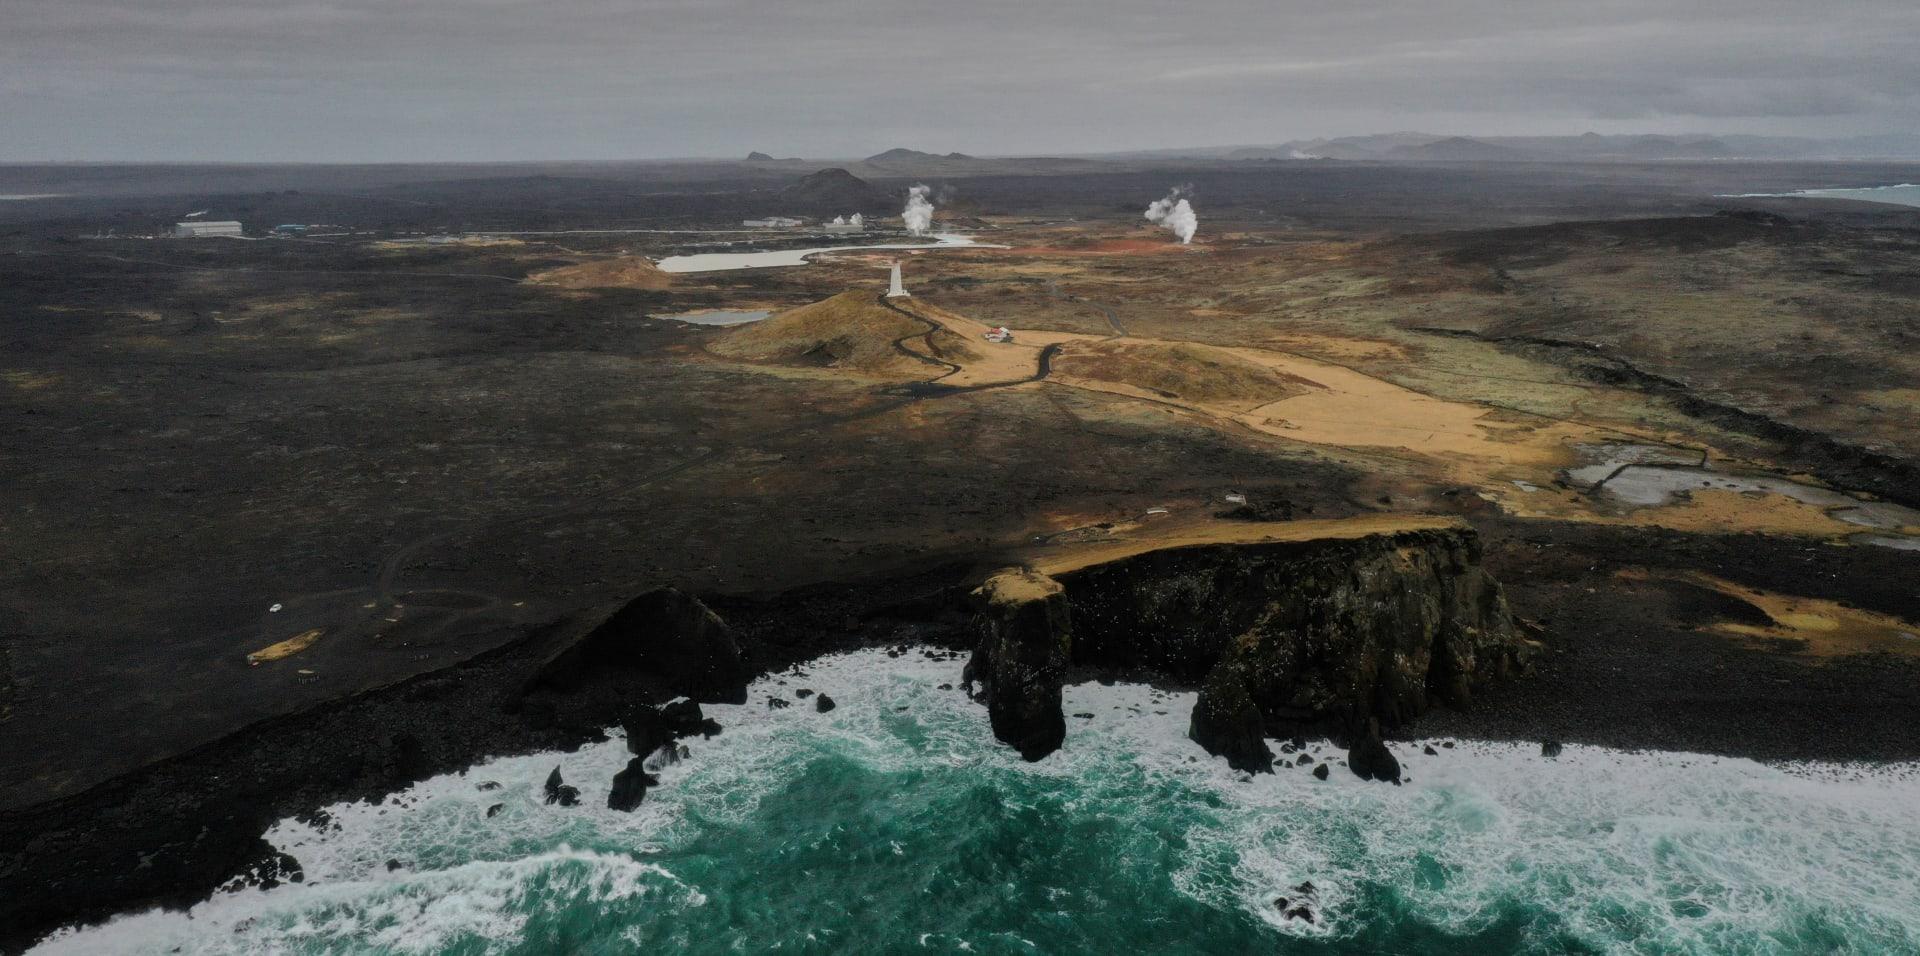 """17 ألف زلزال بأسبوع واحد ومخاوف من """"انفجار بركاني"""" في آيسلندا"""